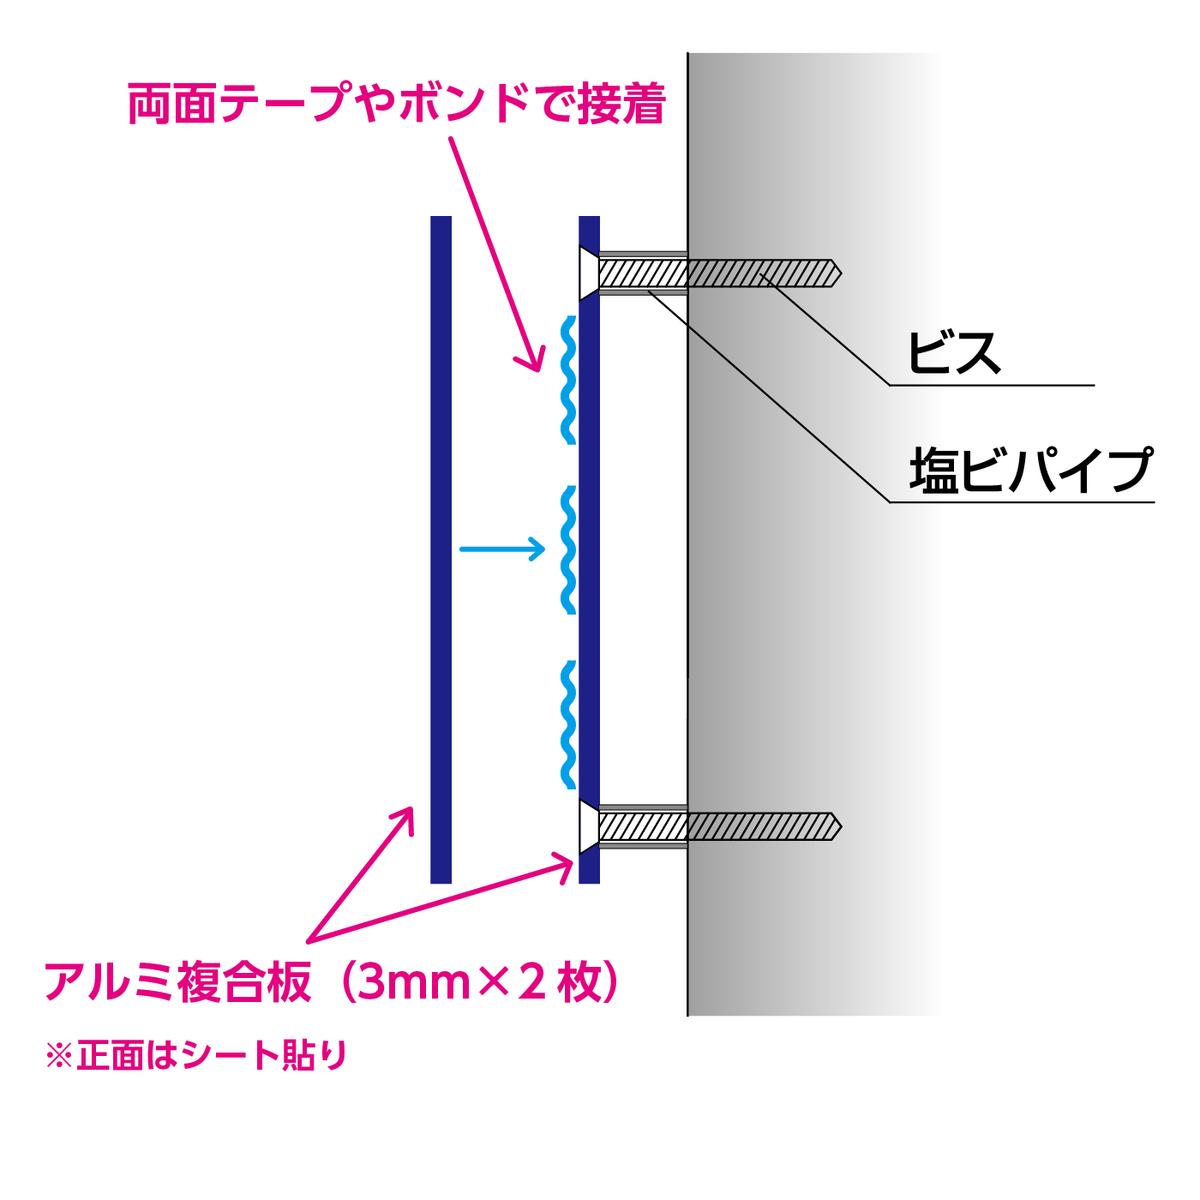 アルミ複合板の取付イメージ